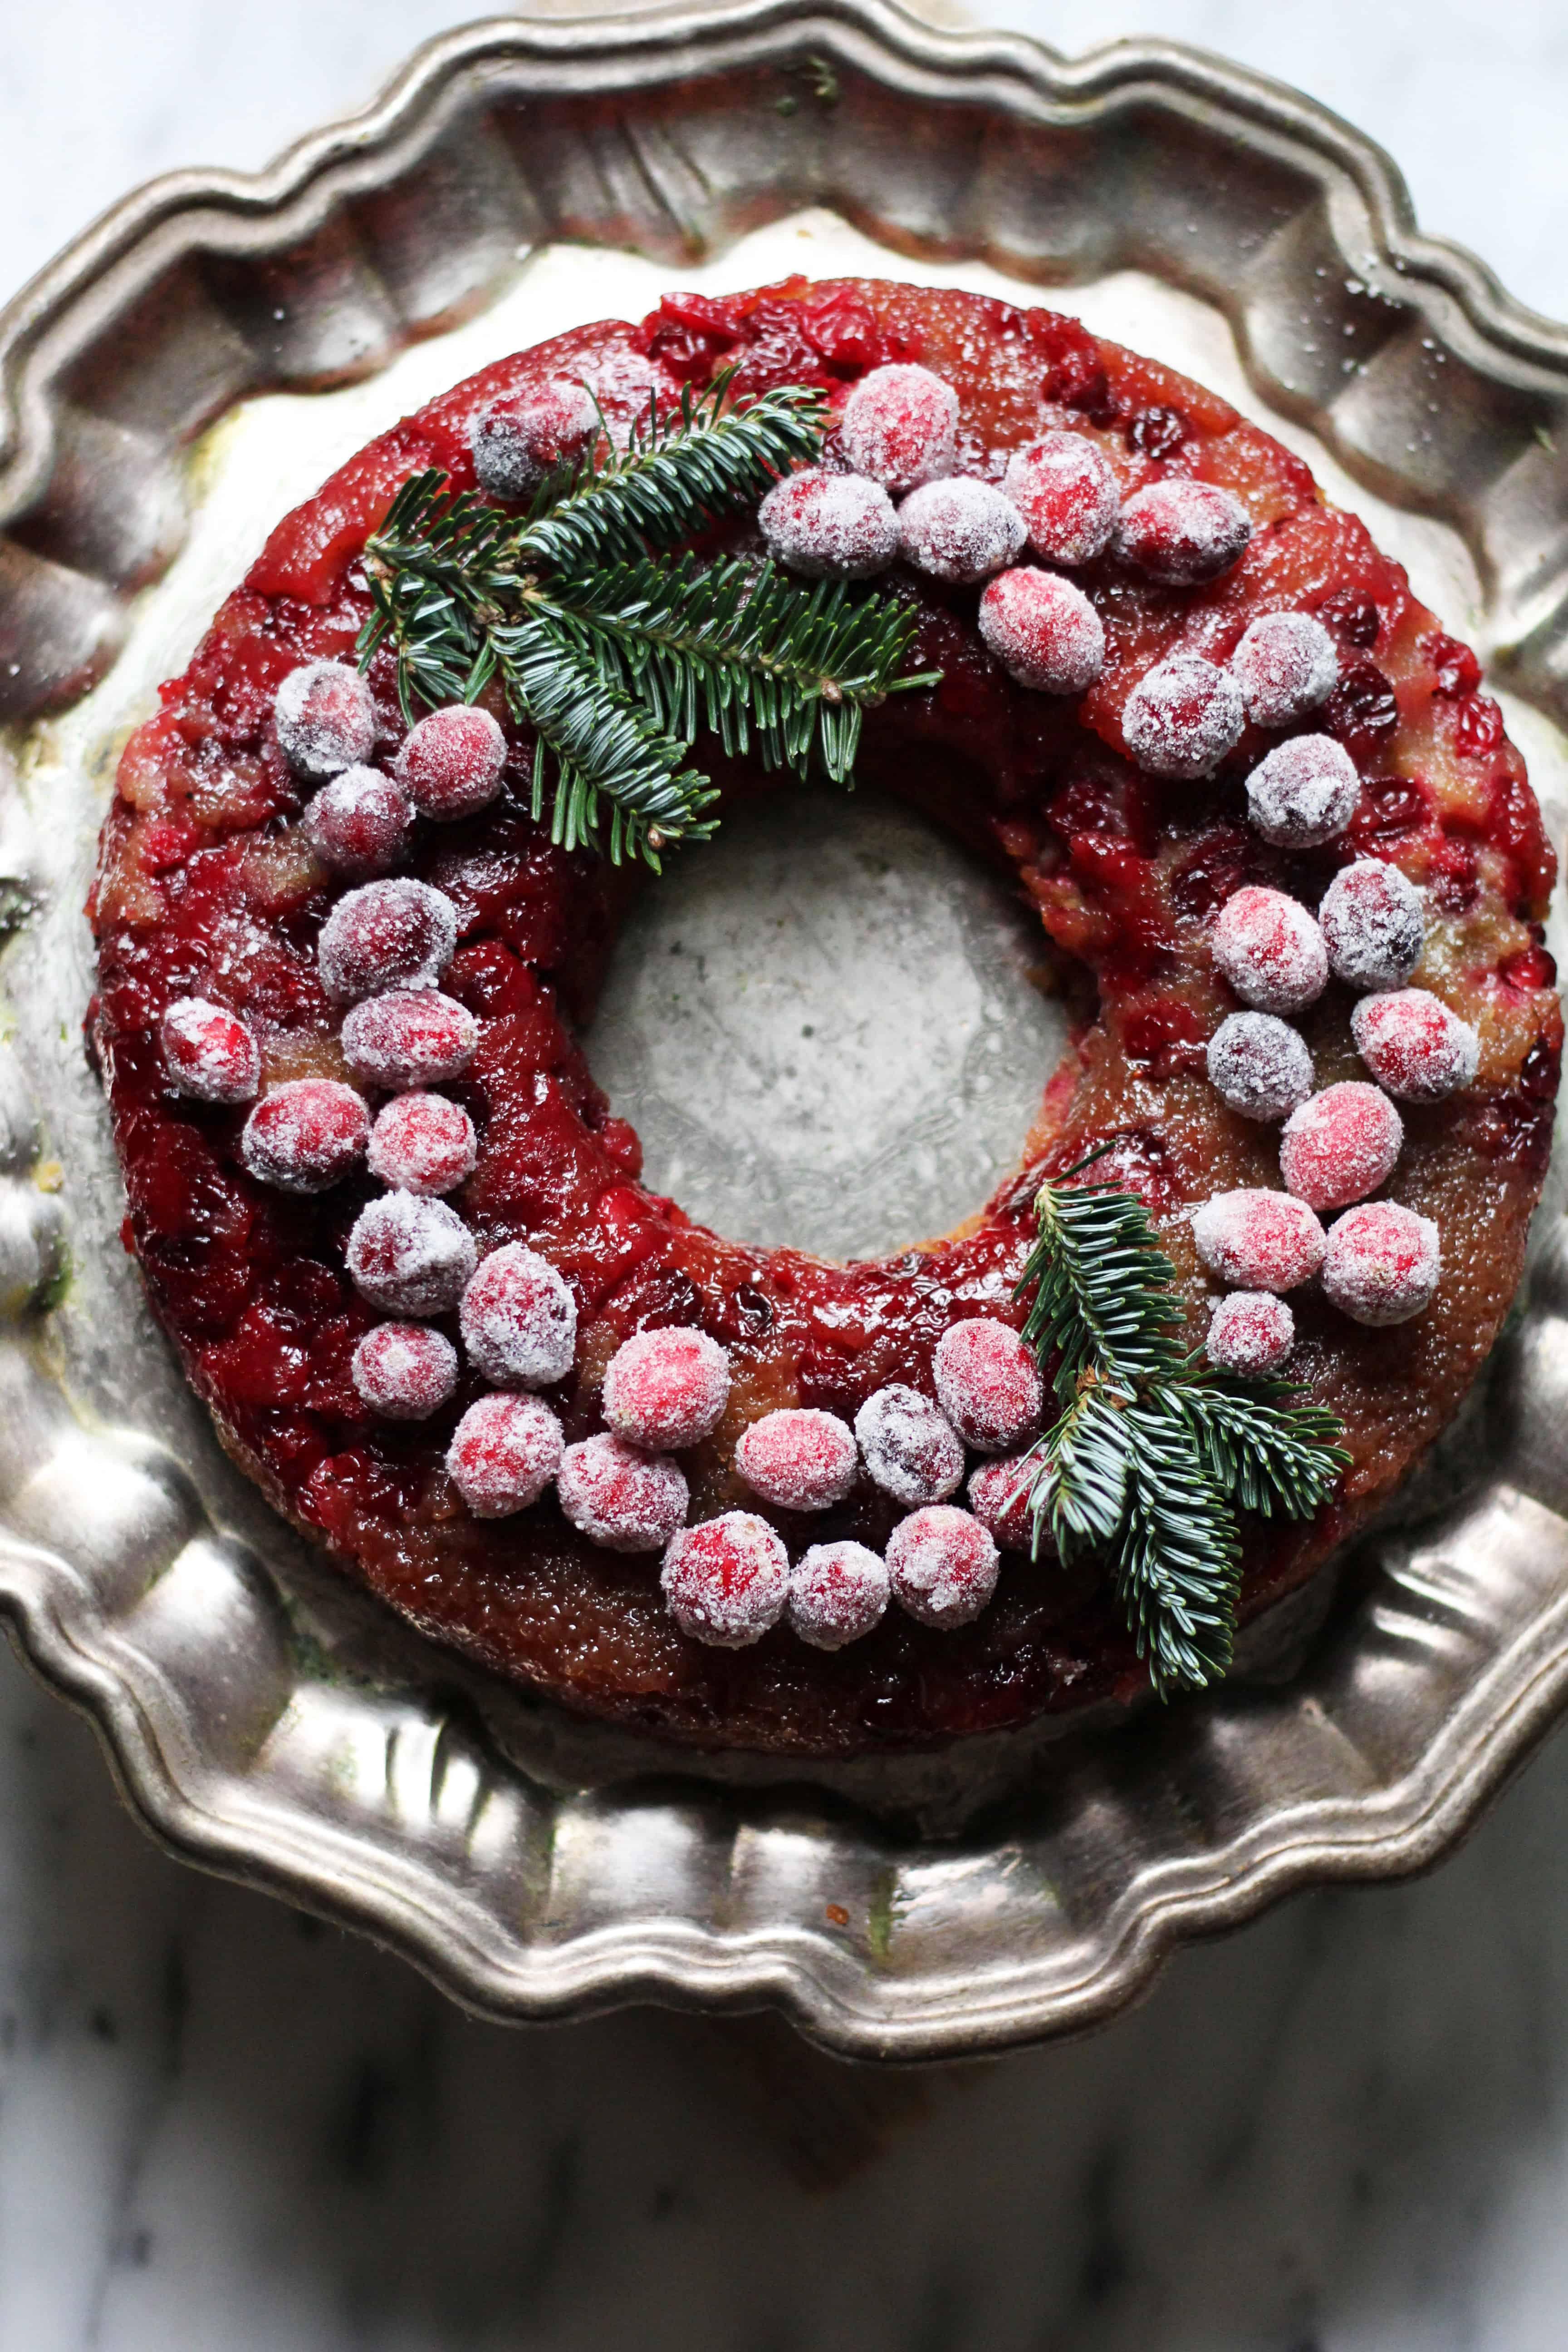 Thebakerchick   Cranberry Buttermilk Upside Down Cake